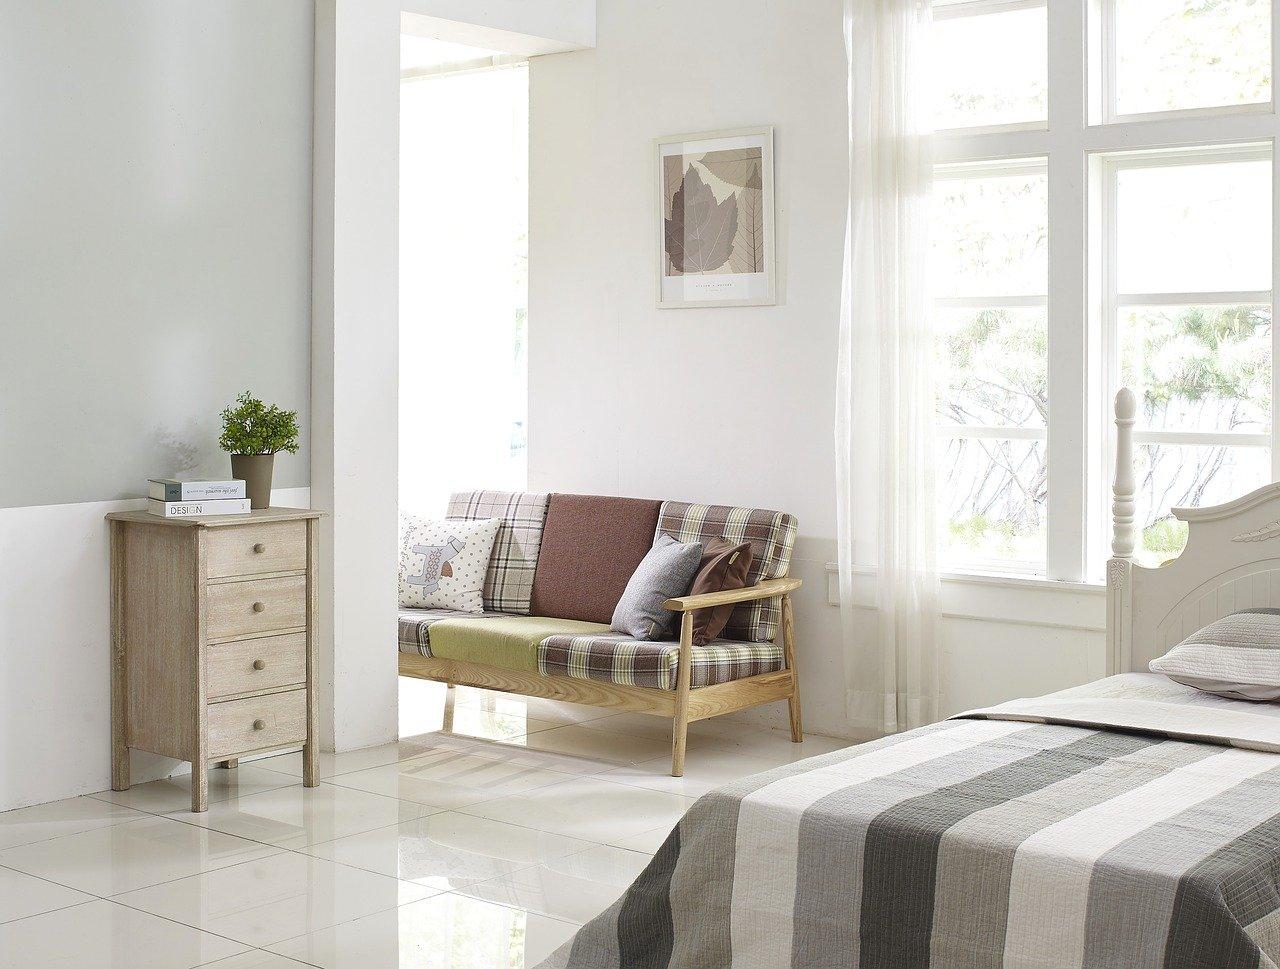 Slaapkamer steeds vaker gebruikt als tweede 'woonkamer'